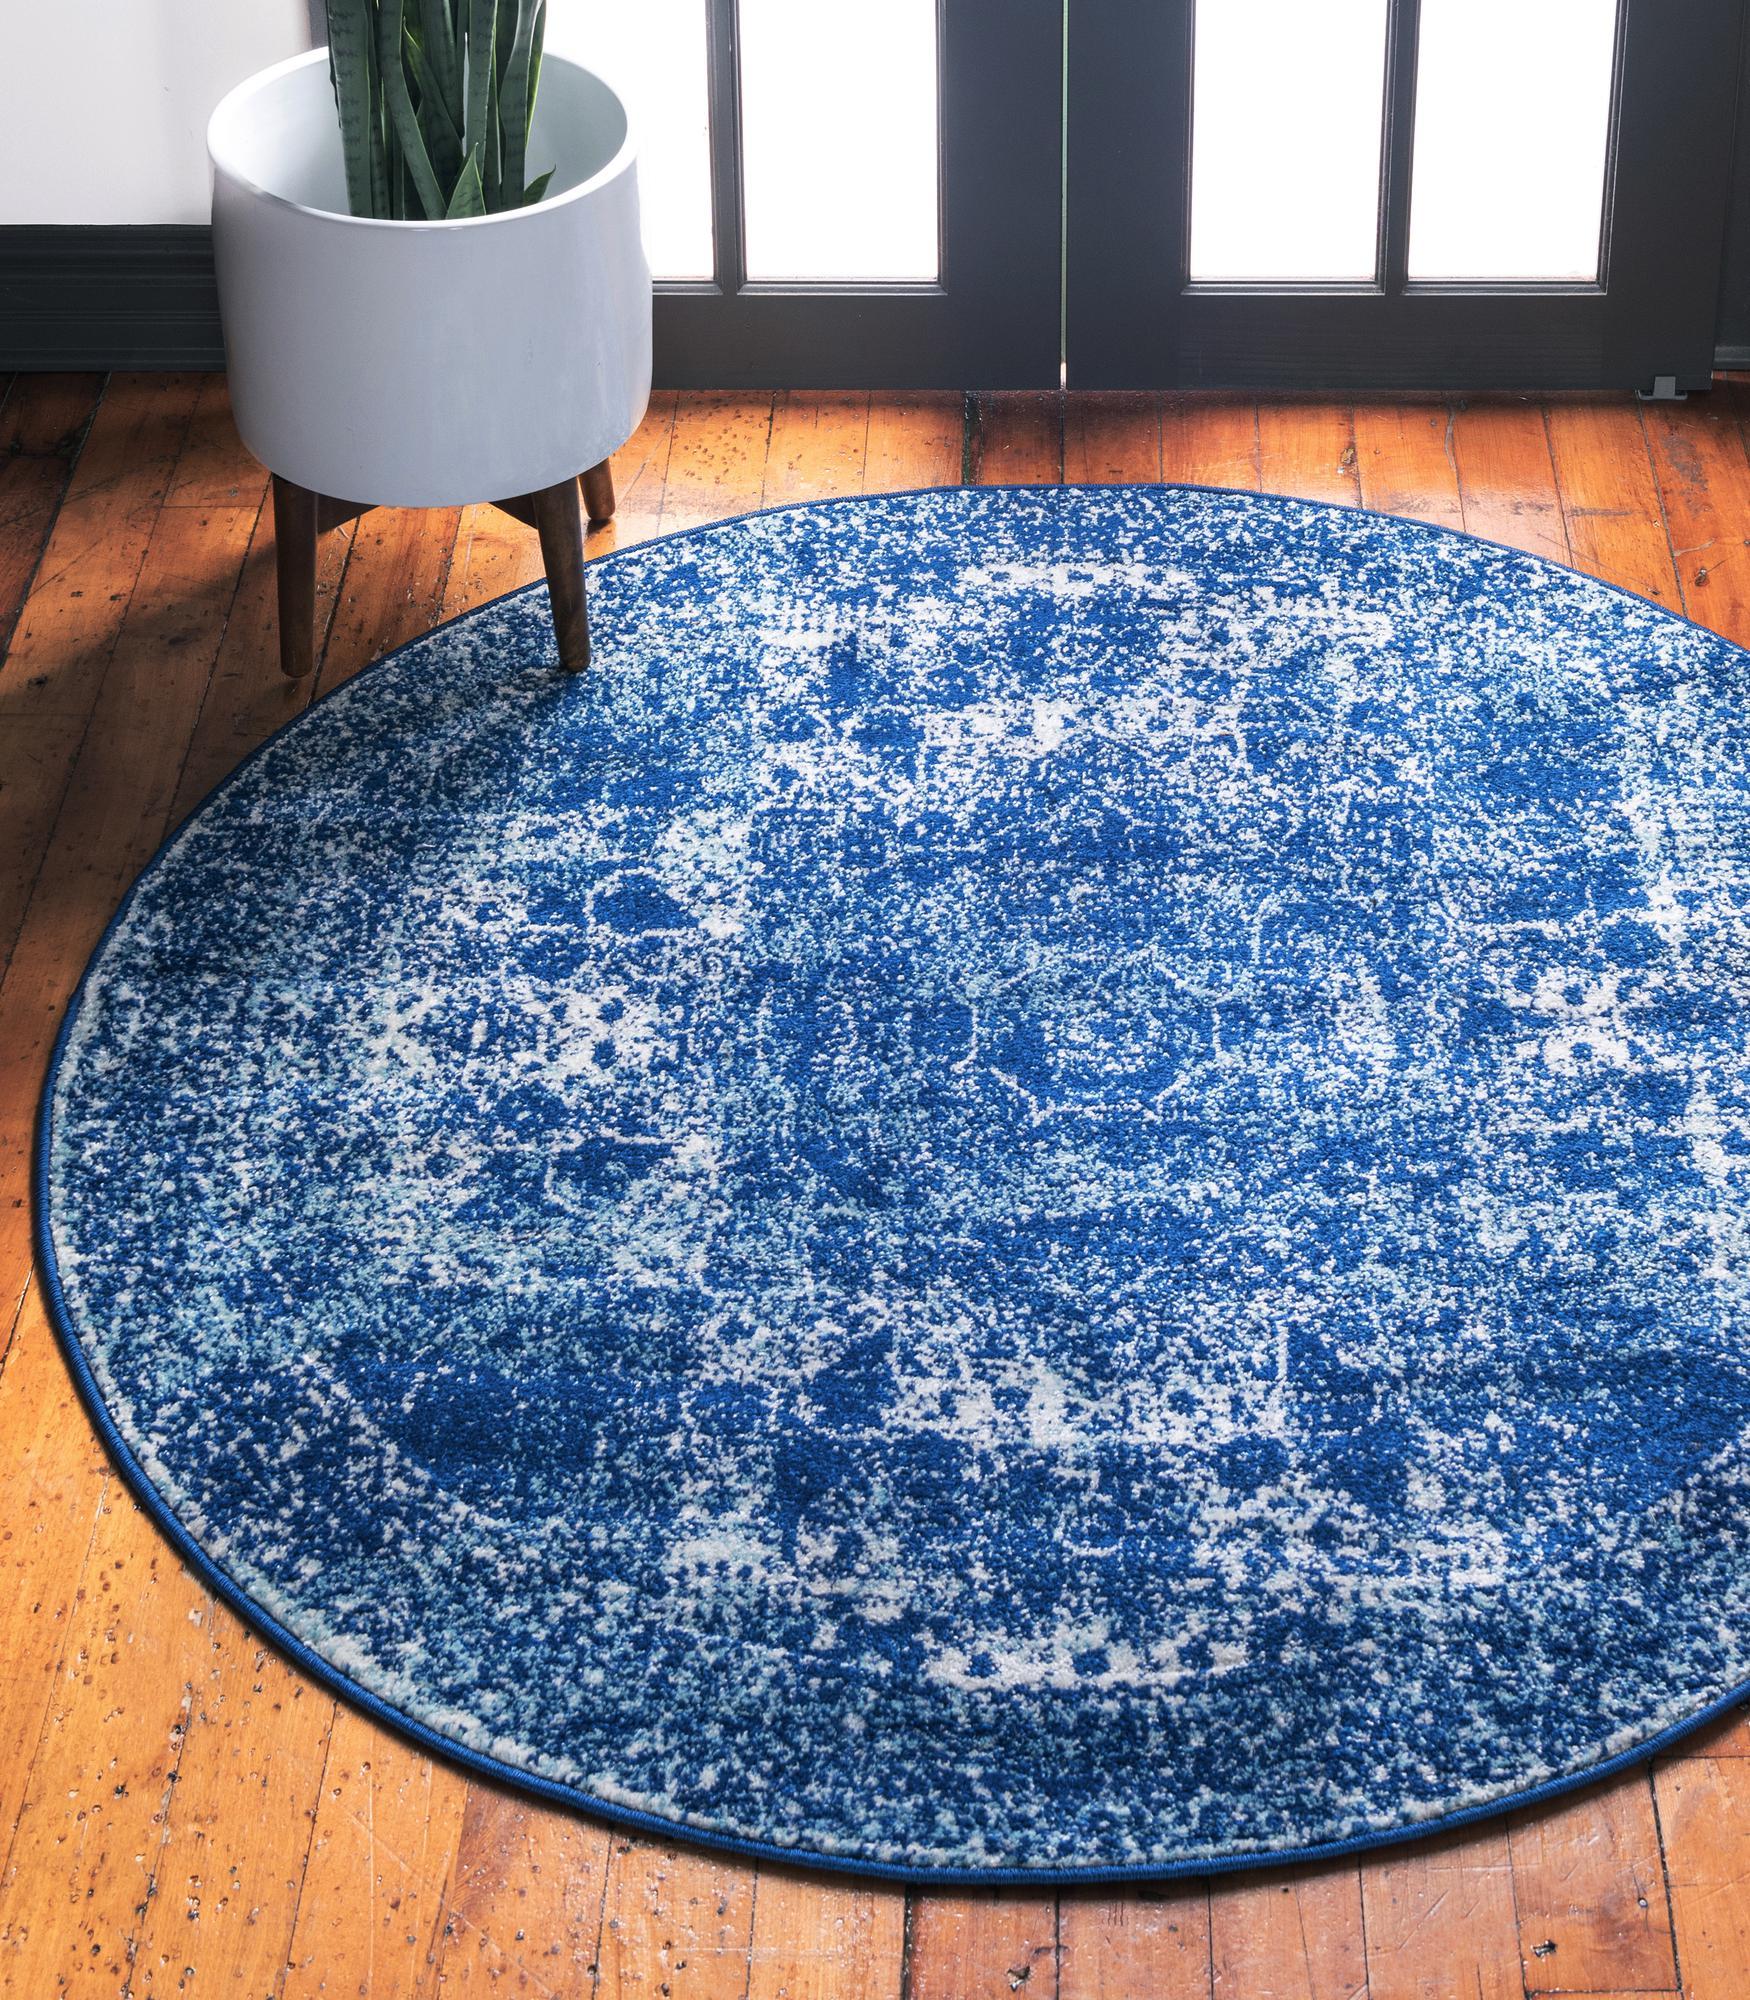 8 x 8 bexley round rug